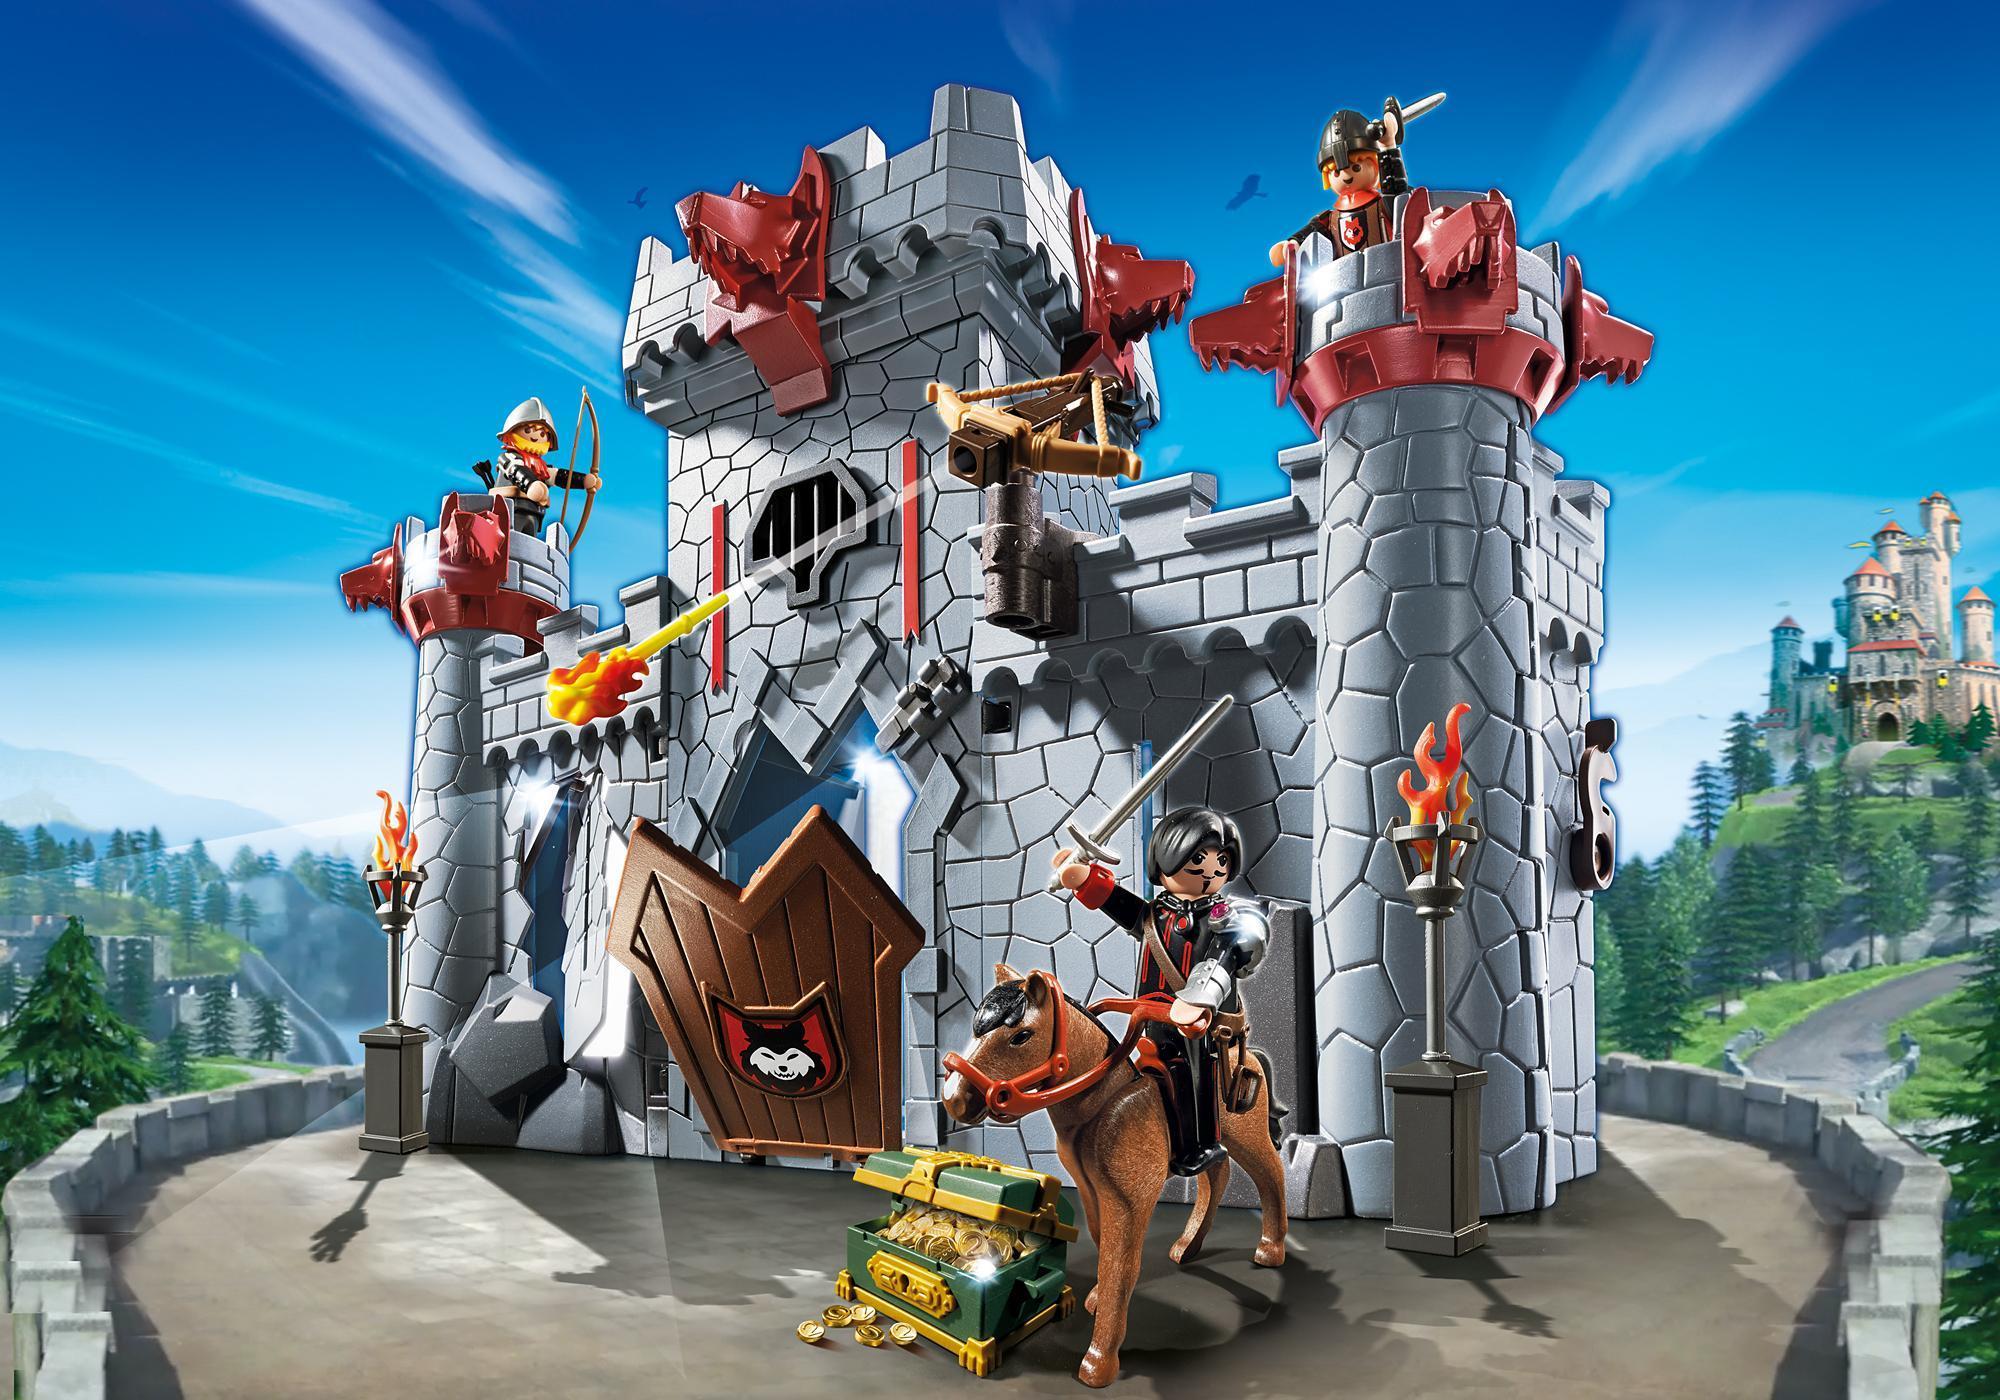 http://media.playmobil.com/i/playmobil/6697_product_detail/Возьми с собой: Черный замок Барона Супер4